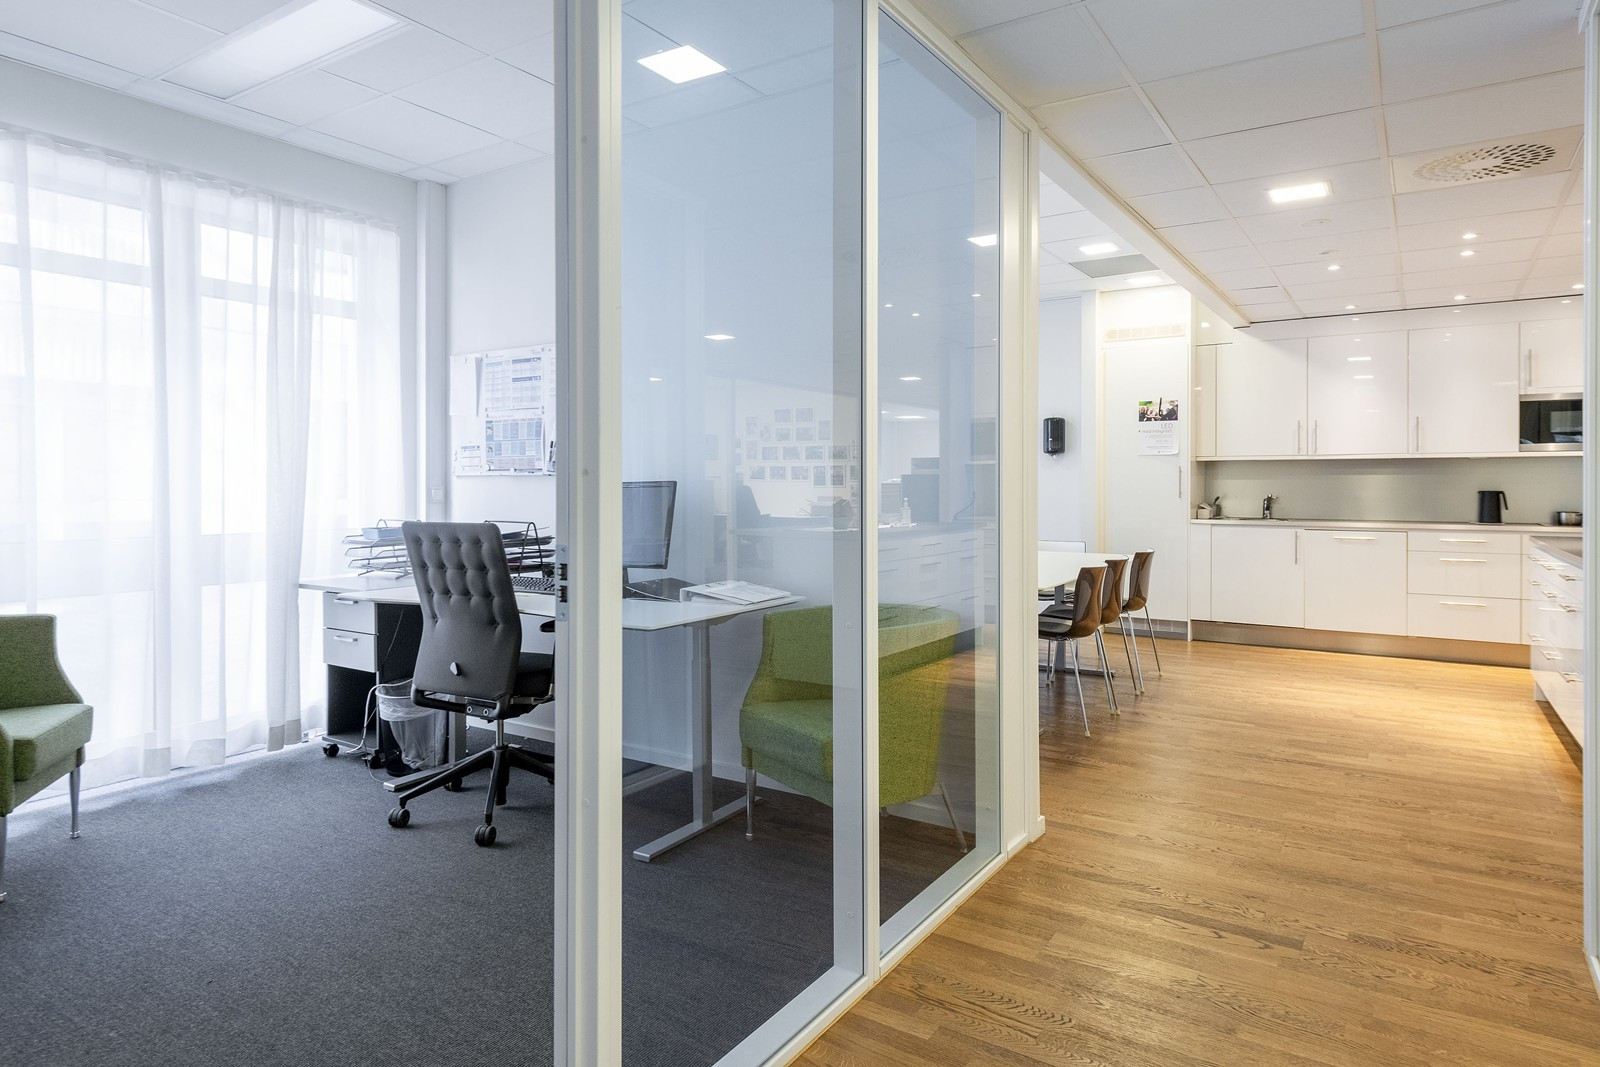 Cellekontorer med god plass til evt. flere arbeidsstasjoner